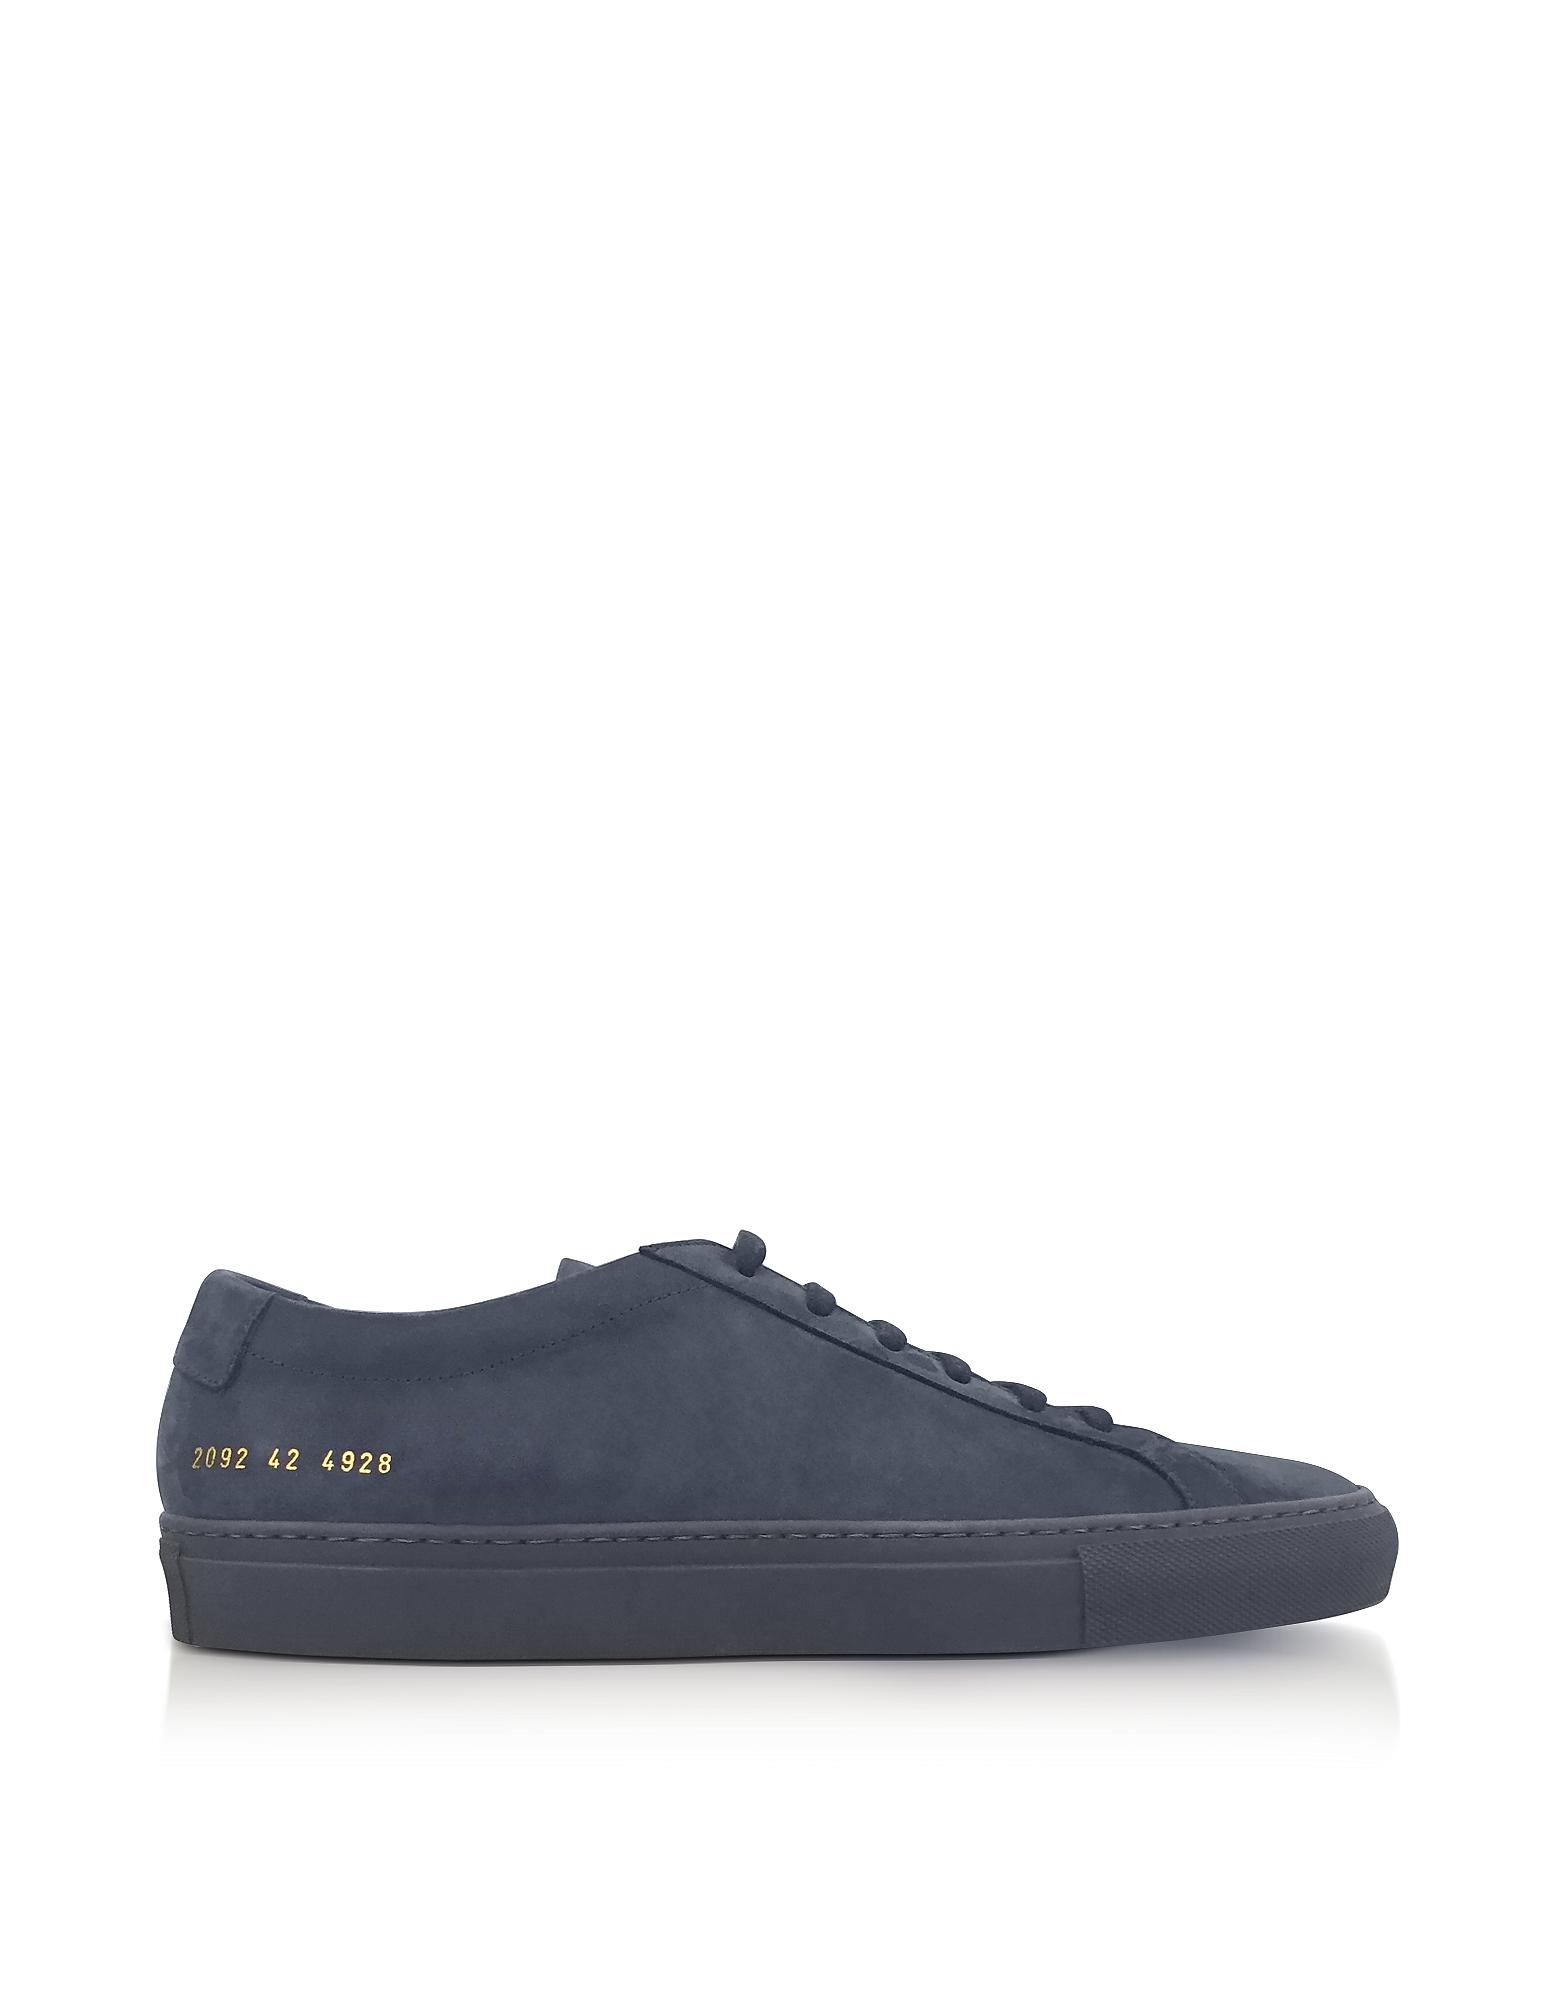 Common Projects Shoes, Navy Blue Nubuck Original Achilles Low Men's Sneakers